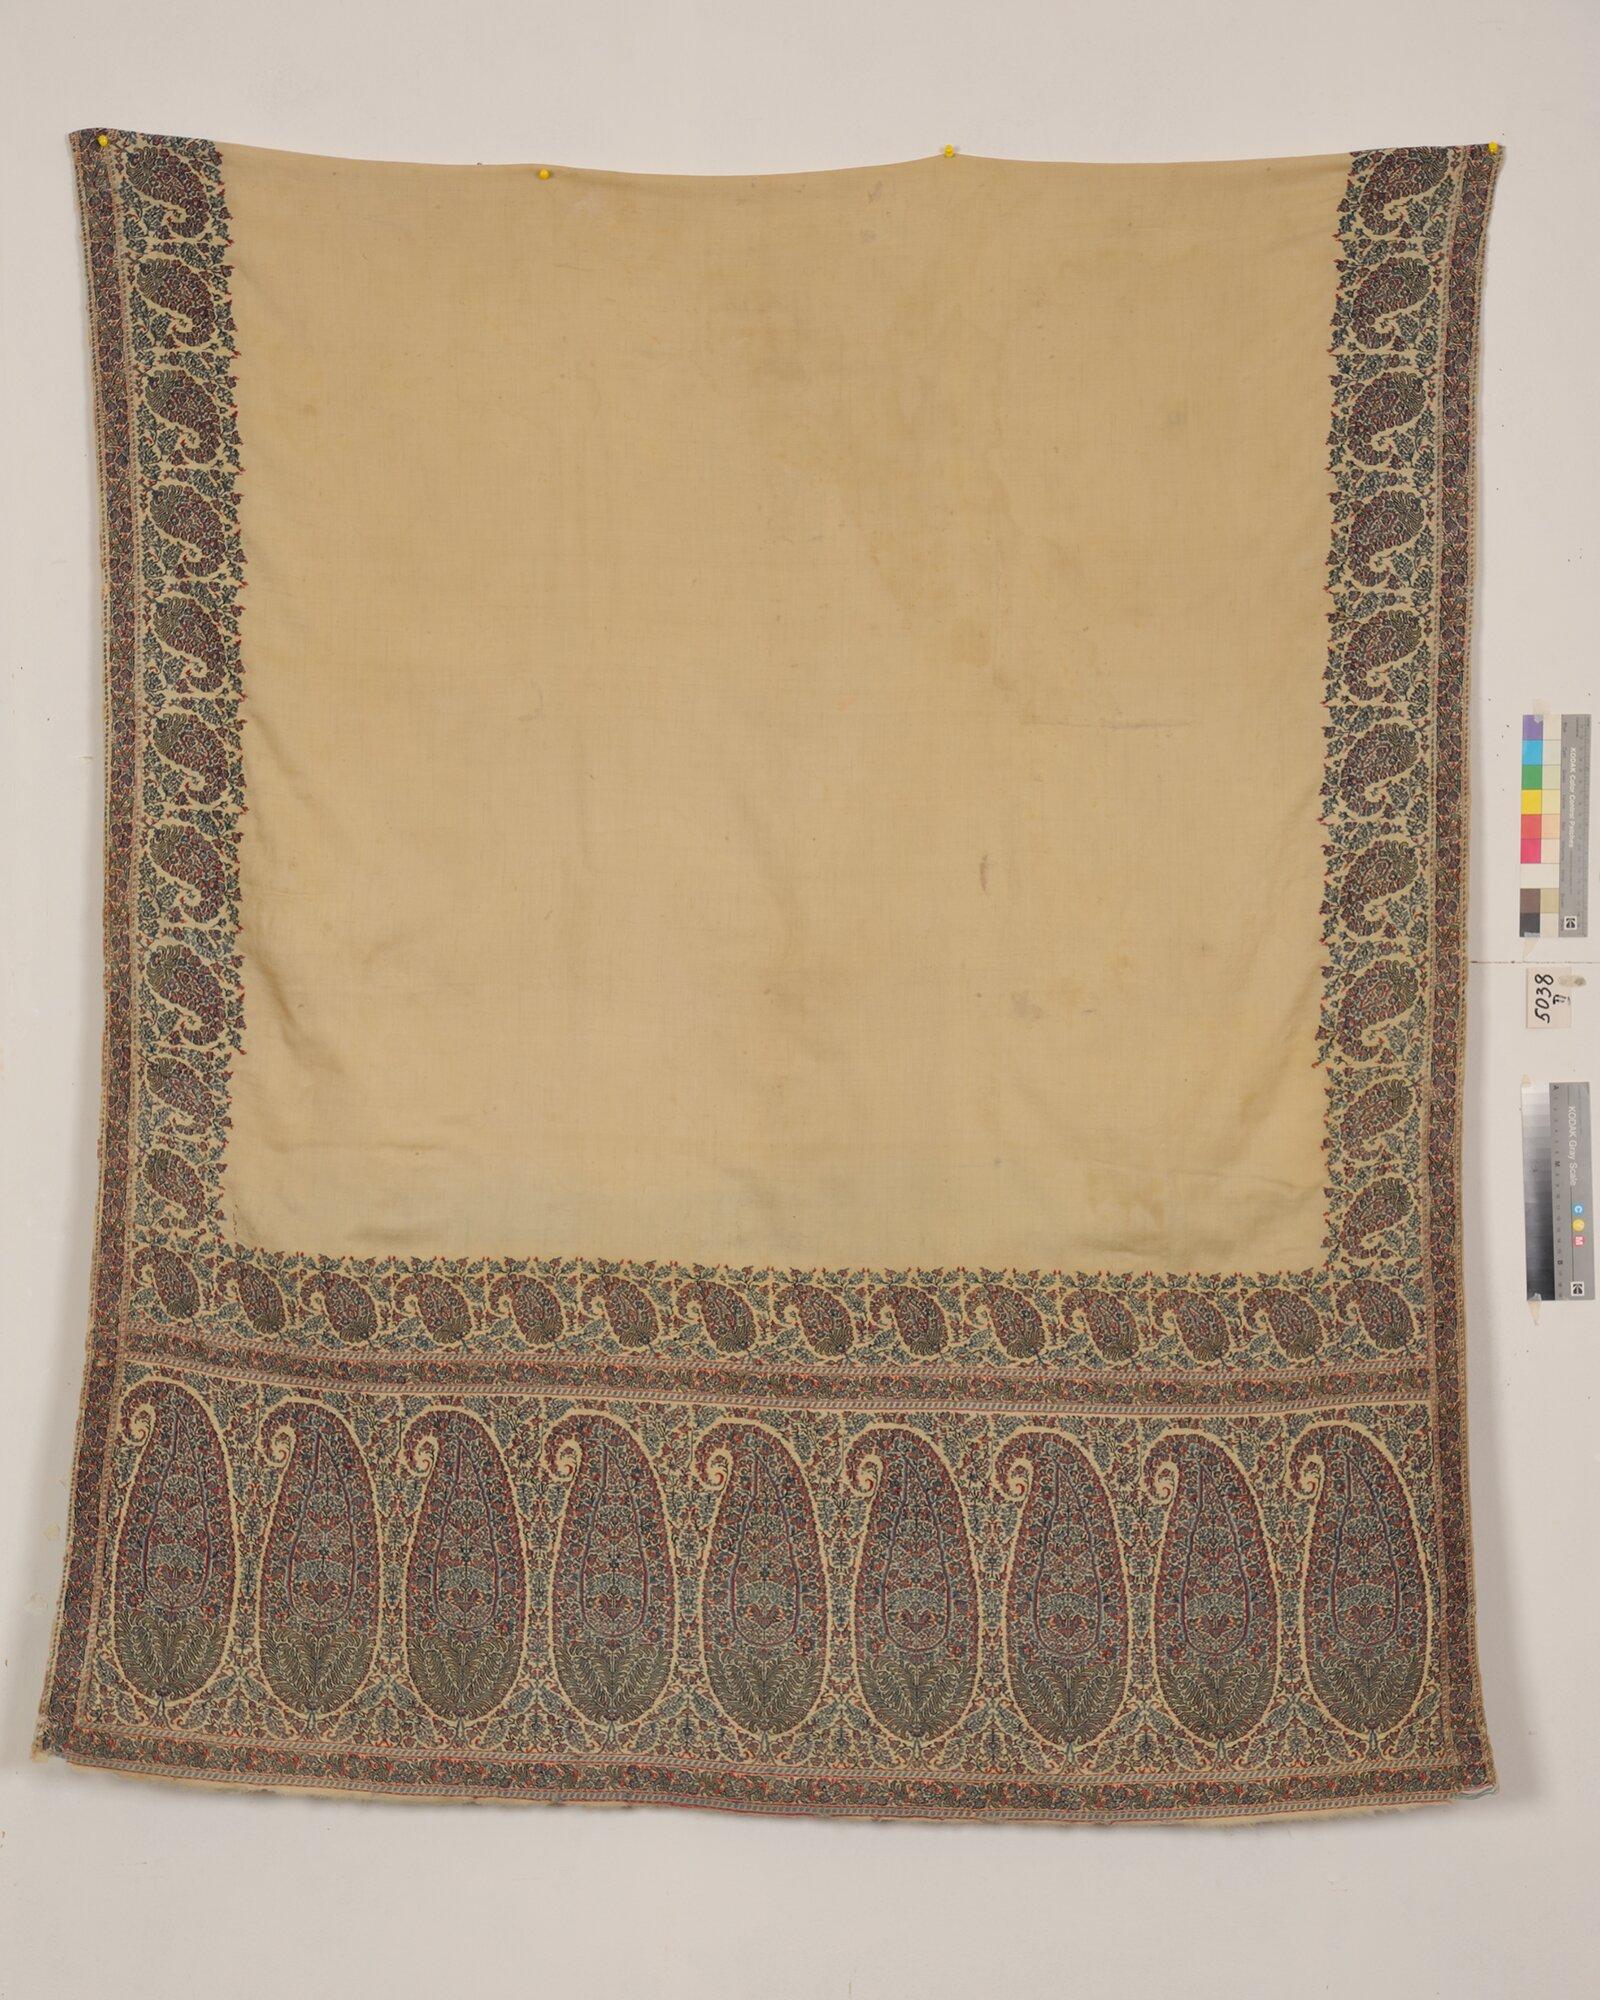 Шаль. Индия, Кашмир. 1820–1830-е годы